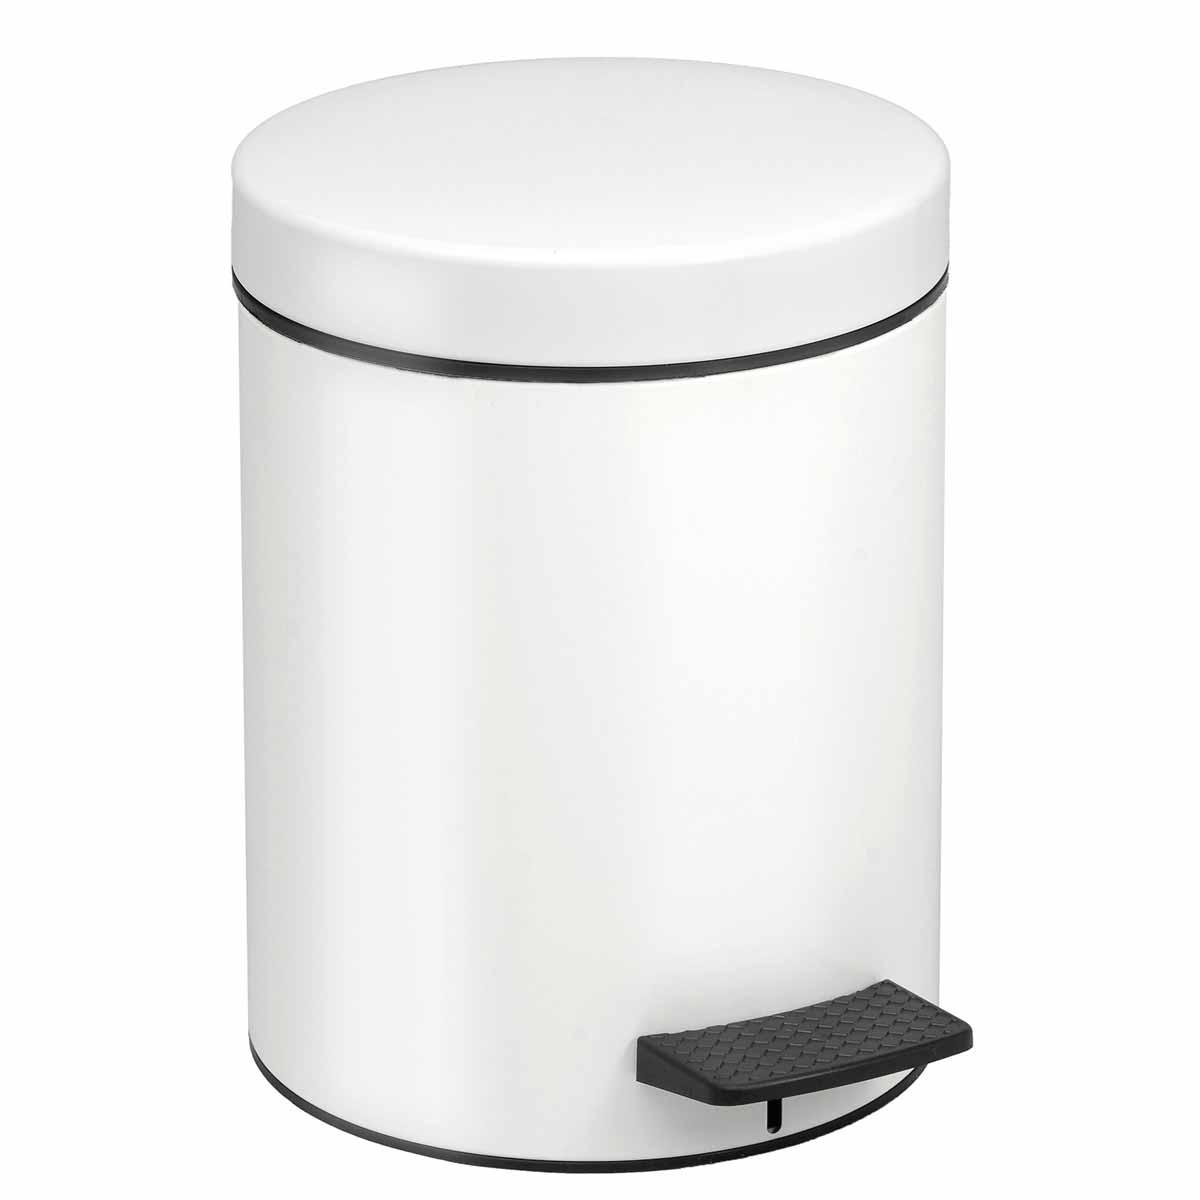 Κάδος Απορριμμάτων (23×32) PamCo 8Lit 500 White Matte